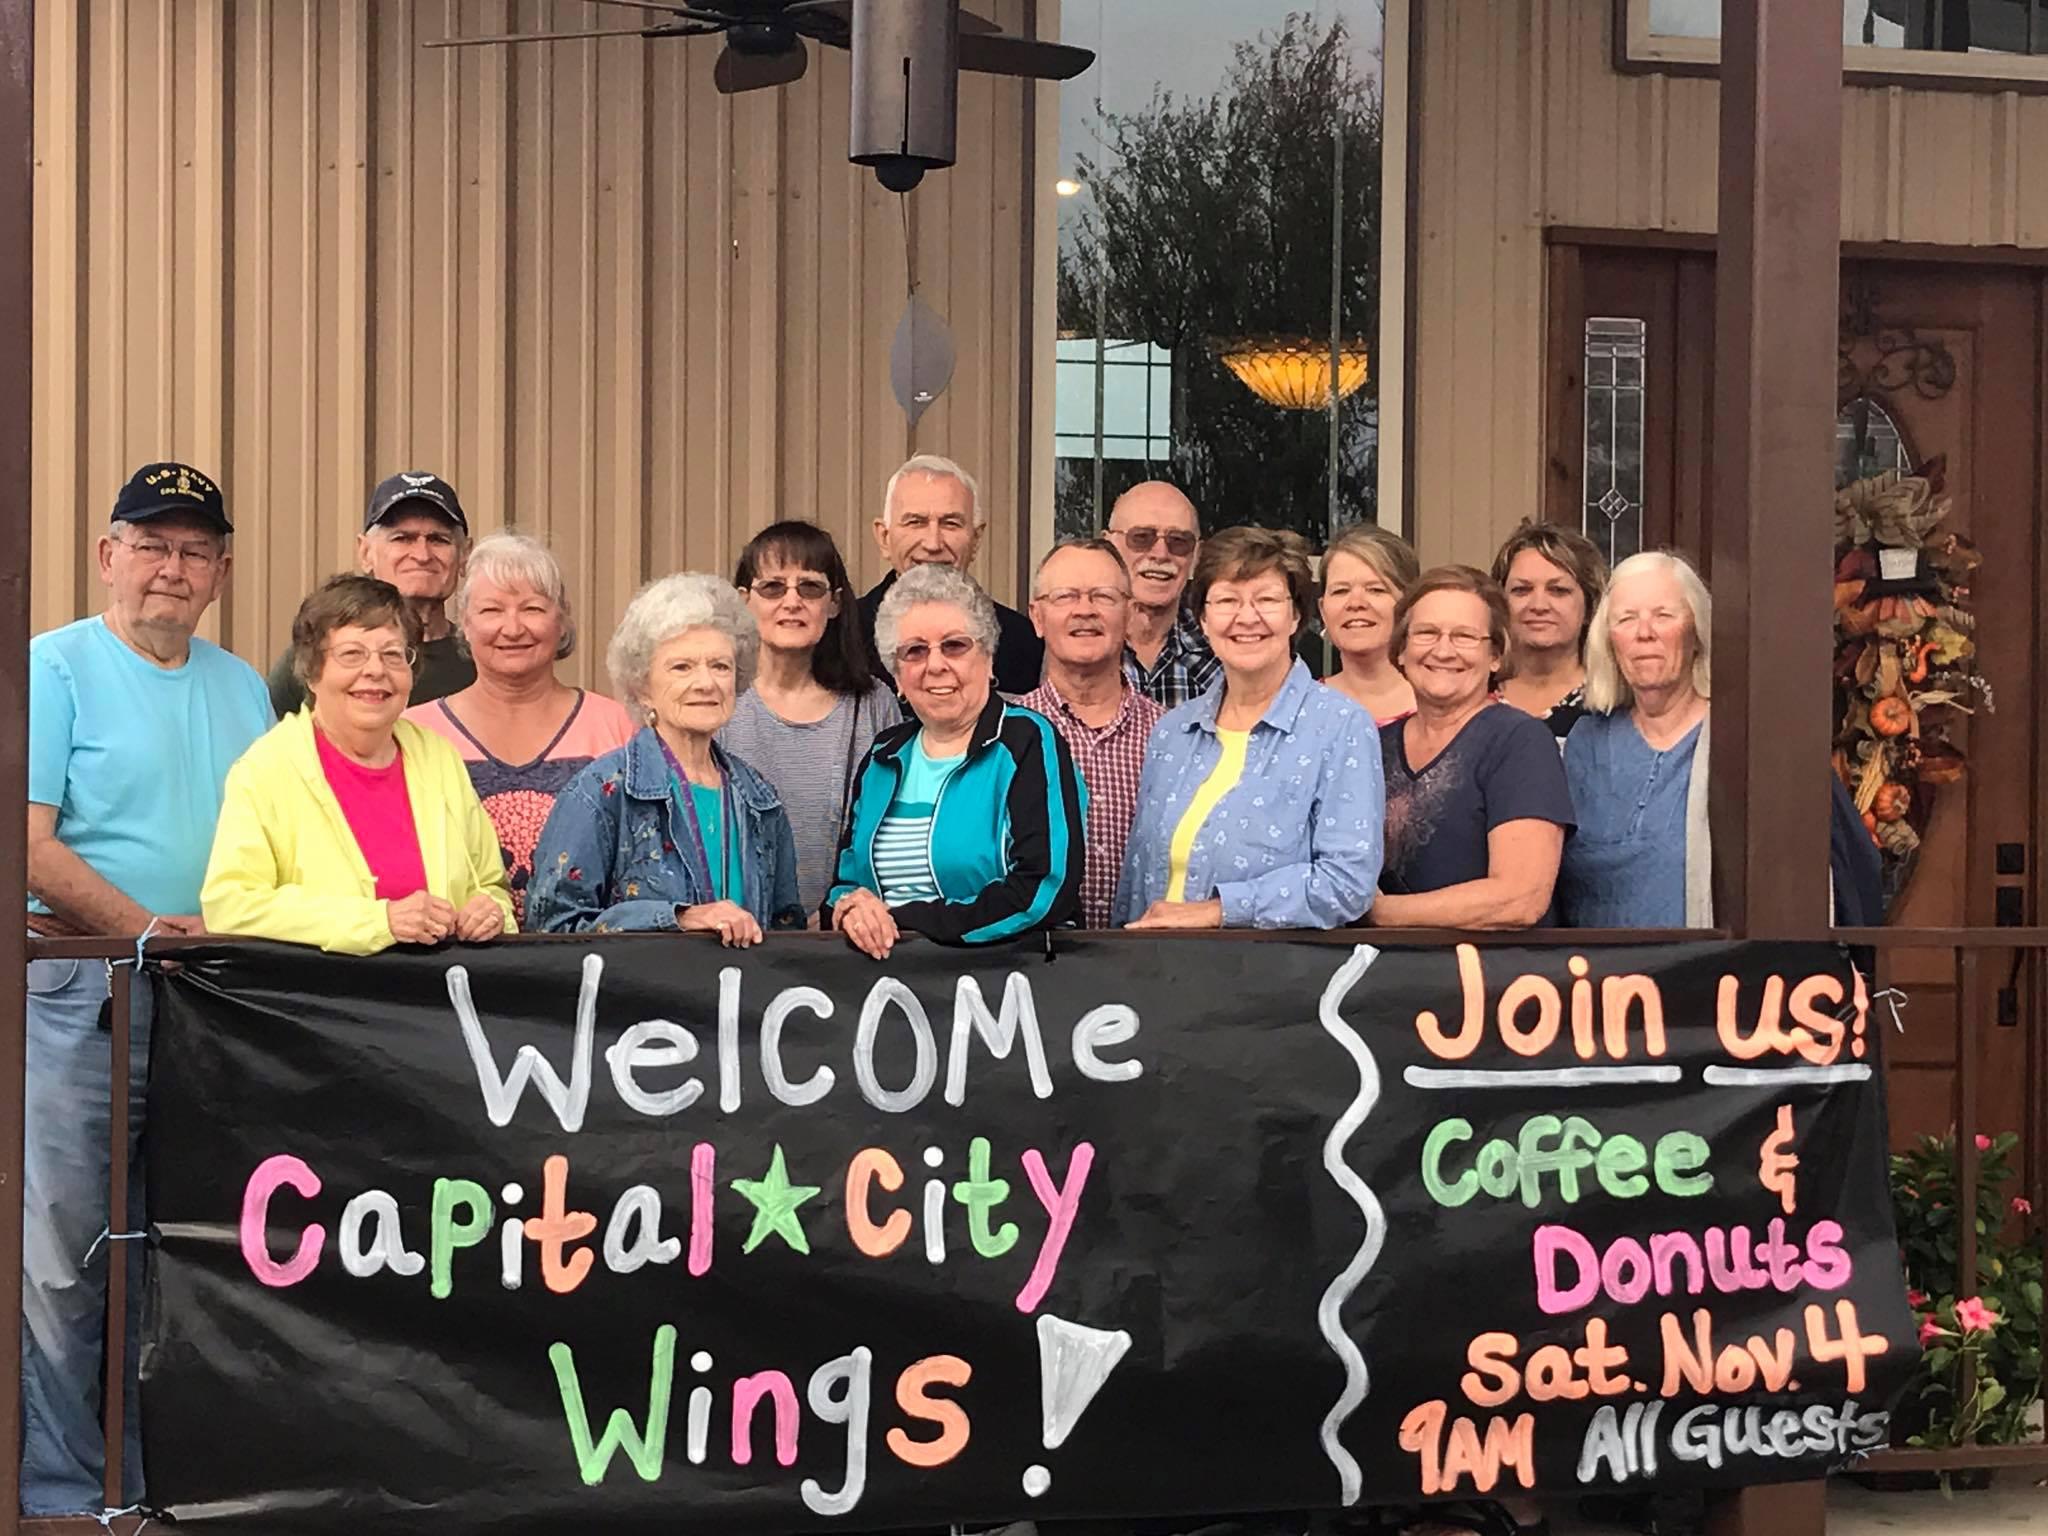 Capital City Wings